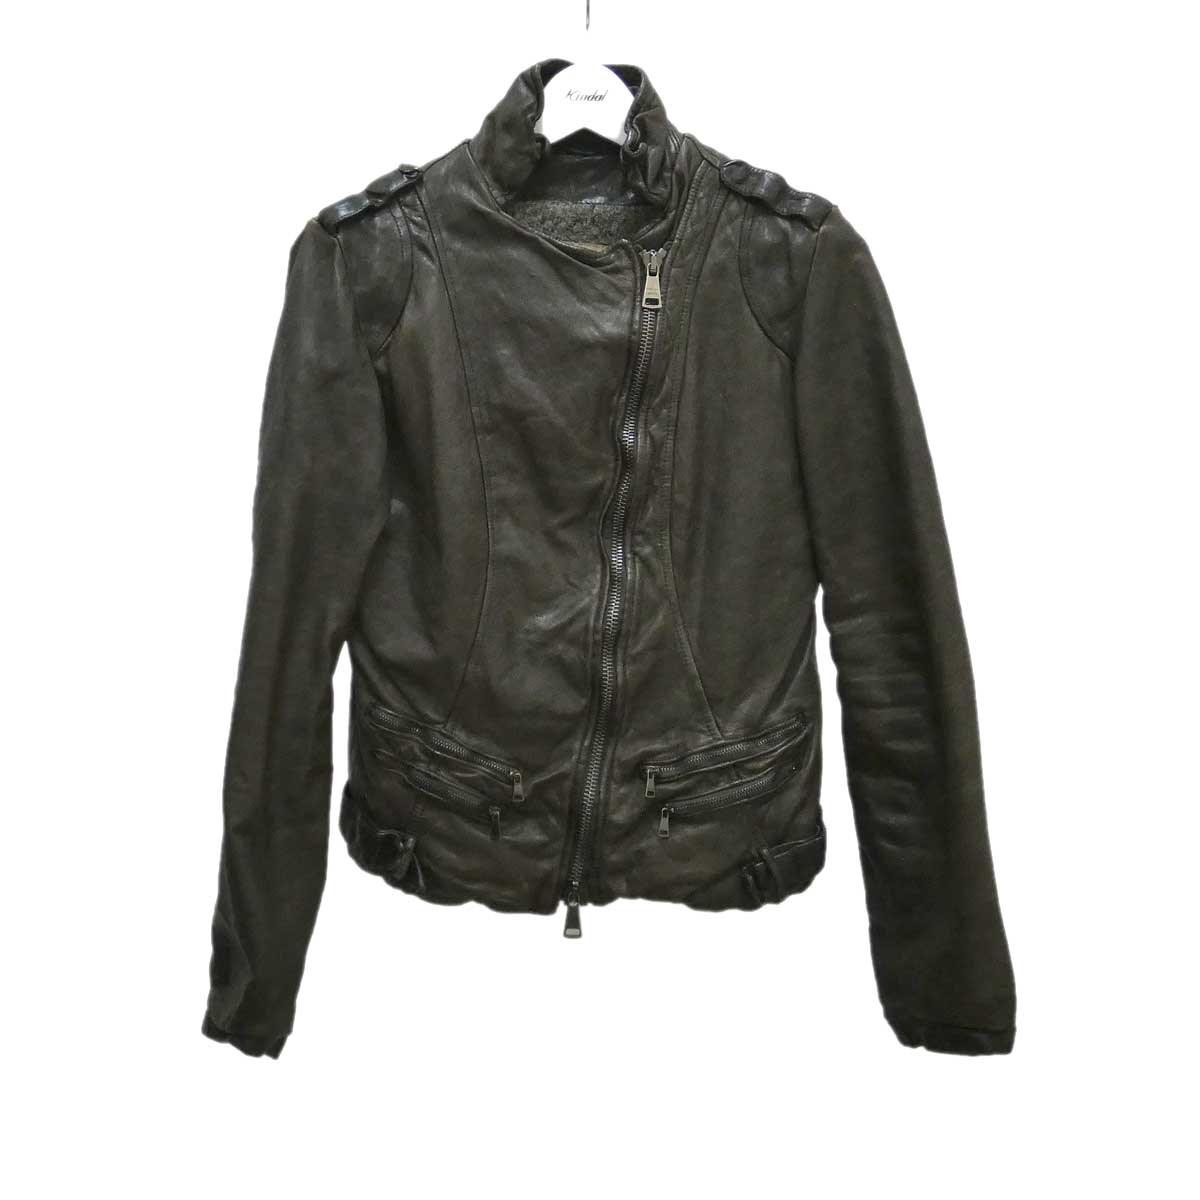 【中古】GIORGIO BRATO レザージャケット 羊革 ダークブラウン サイズ:40 【180920】(ジョルジオブラット)